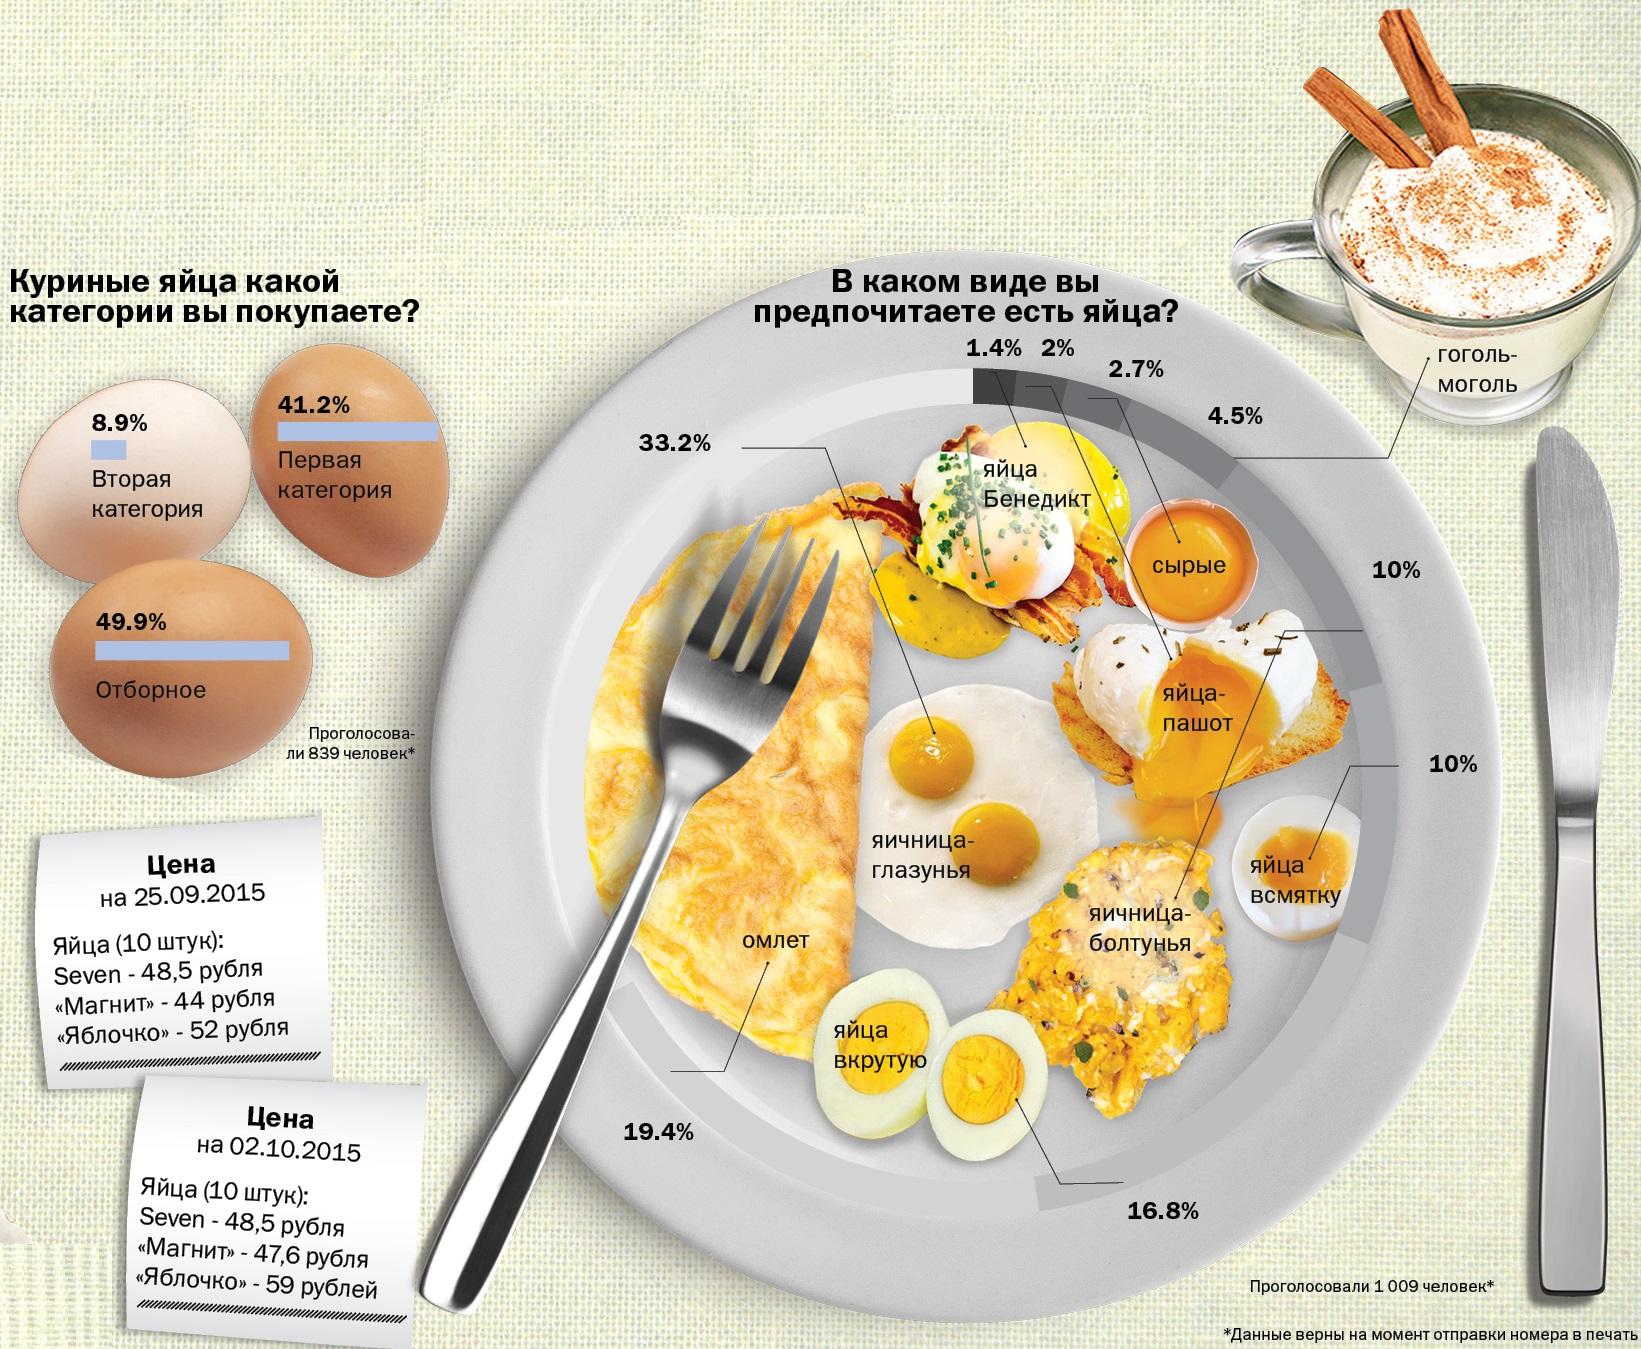 Сколько Можно Съедать Яиц При Диете. Мгновенное похудение с помощью яиц: меню, отзывы